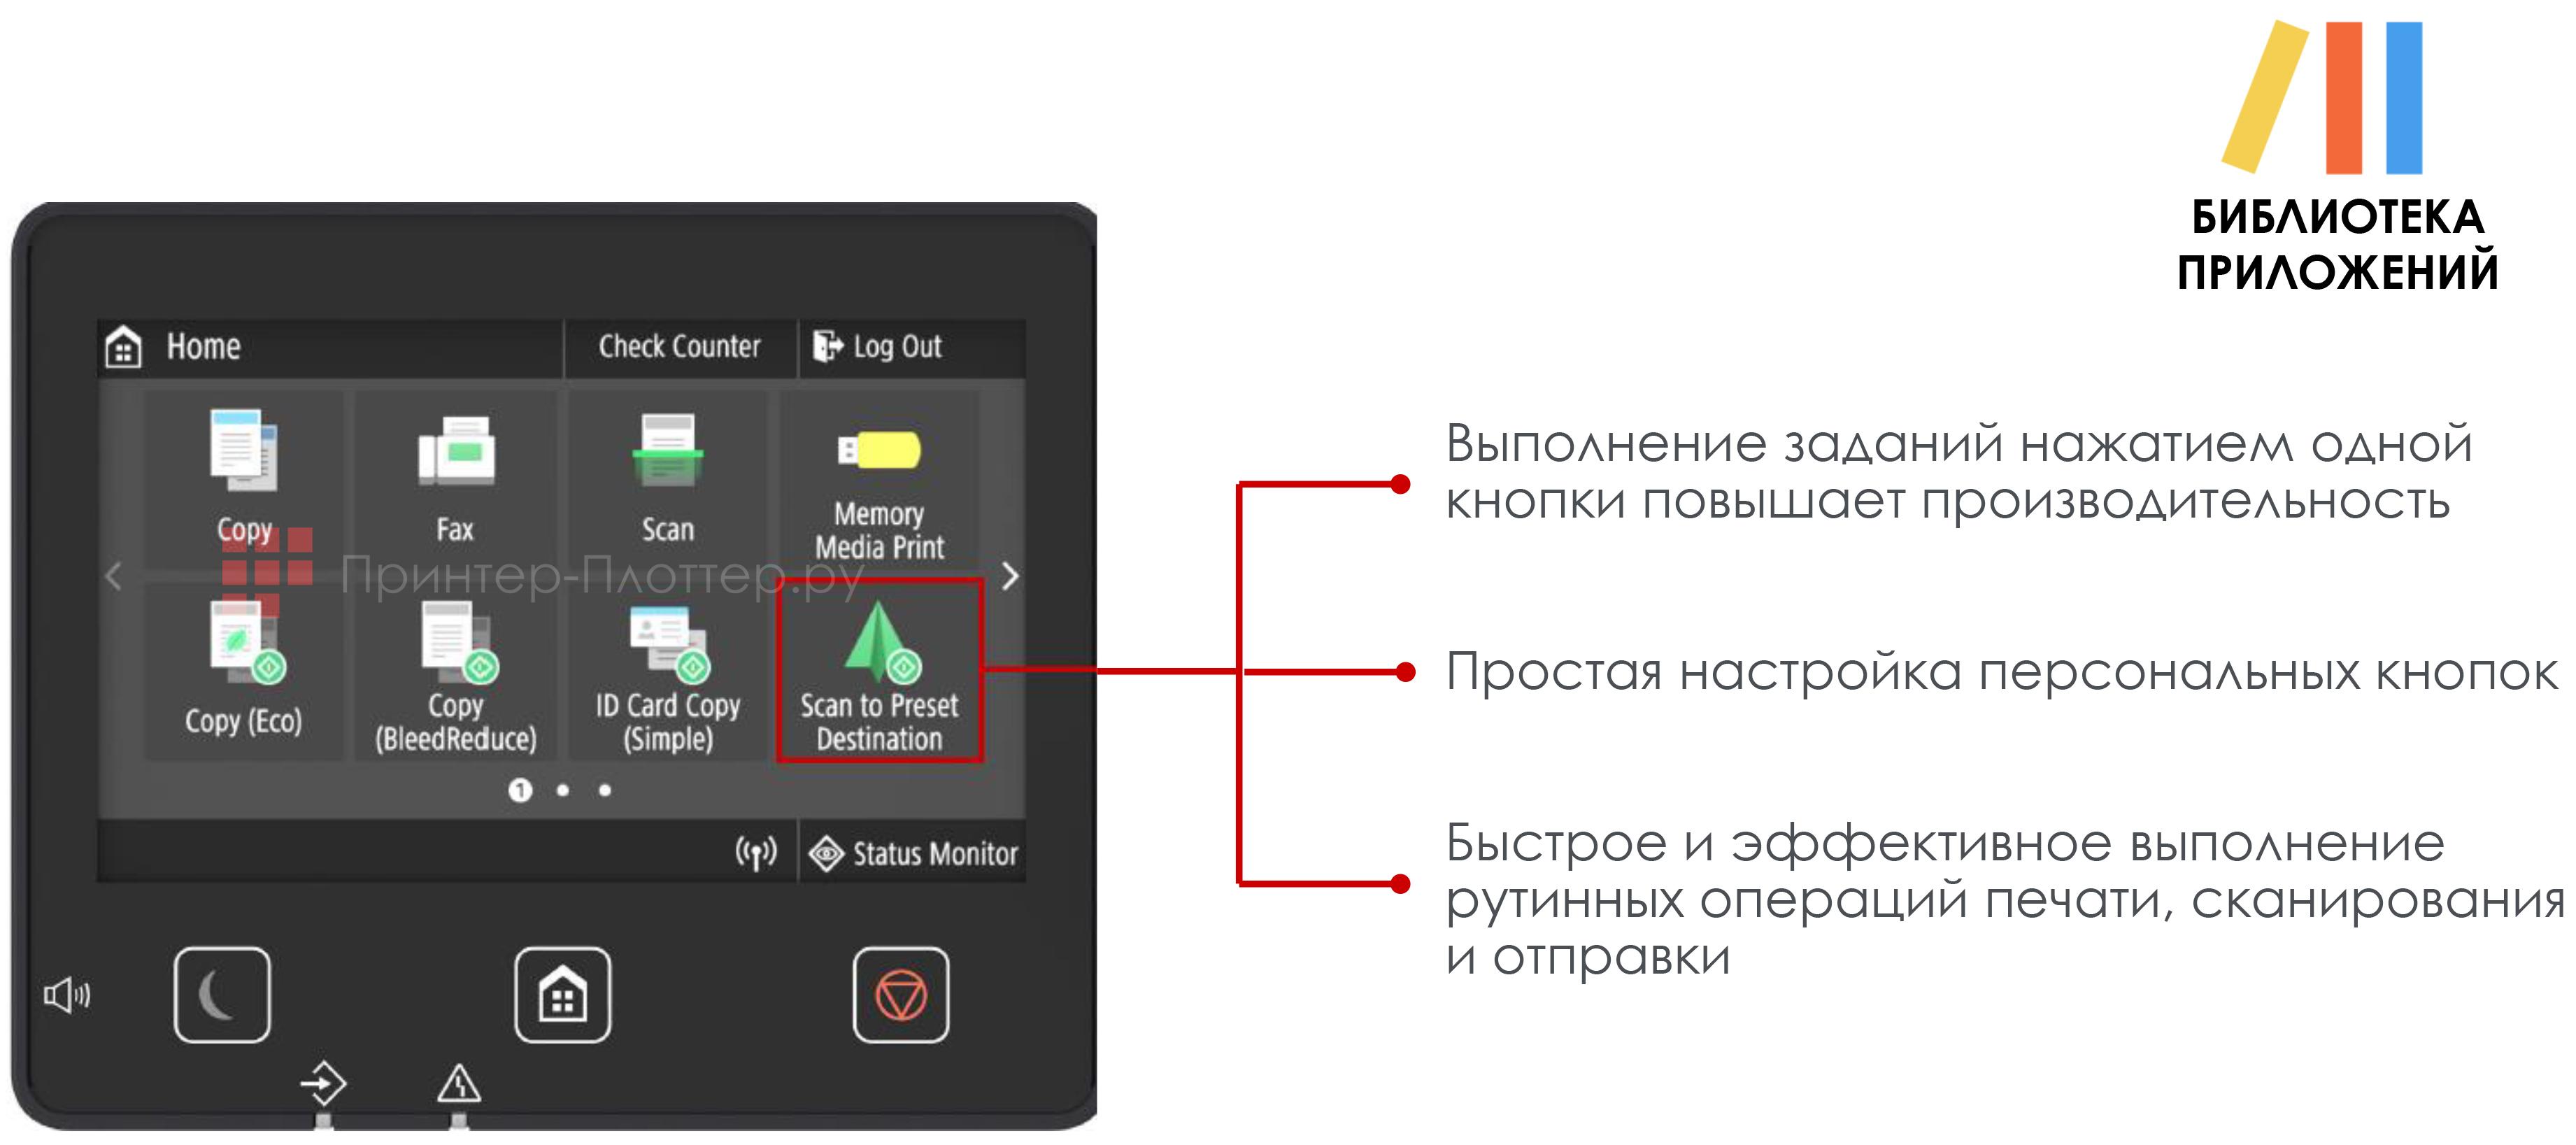 Обновленный дисплей и управление устройством Canon imageRUNNER C3125i